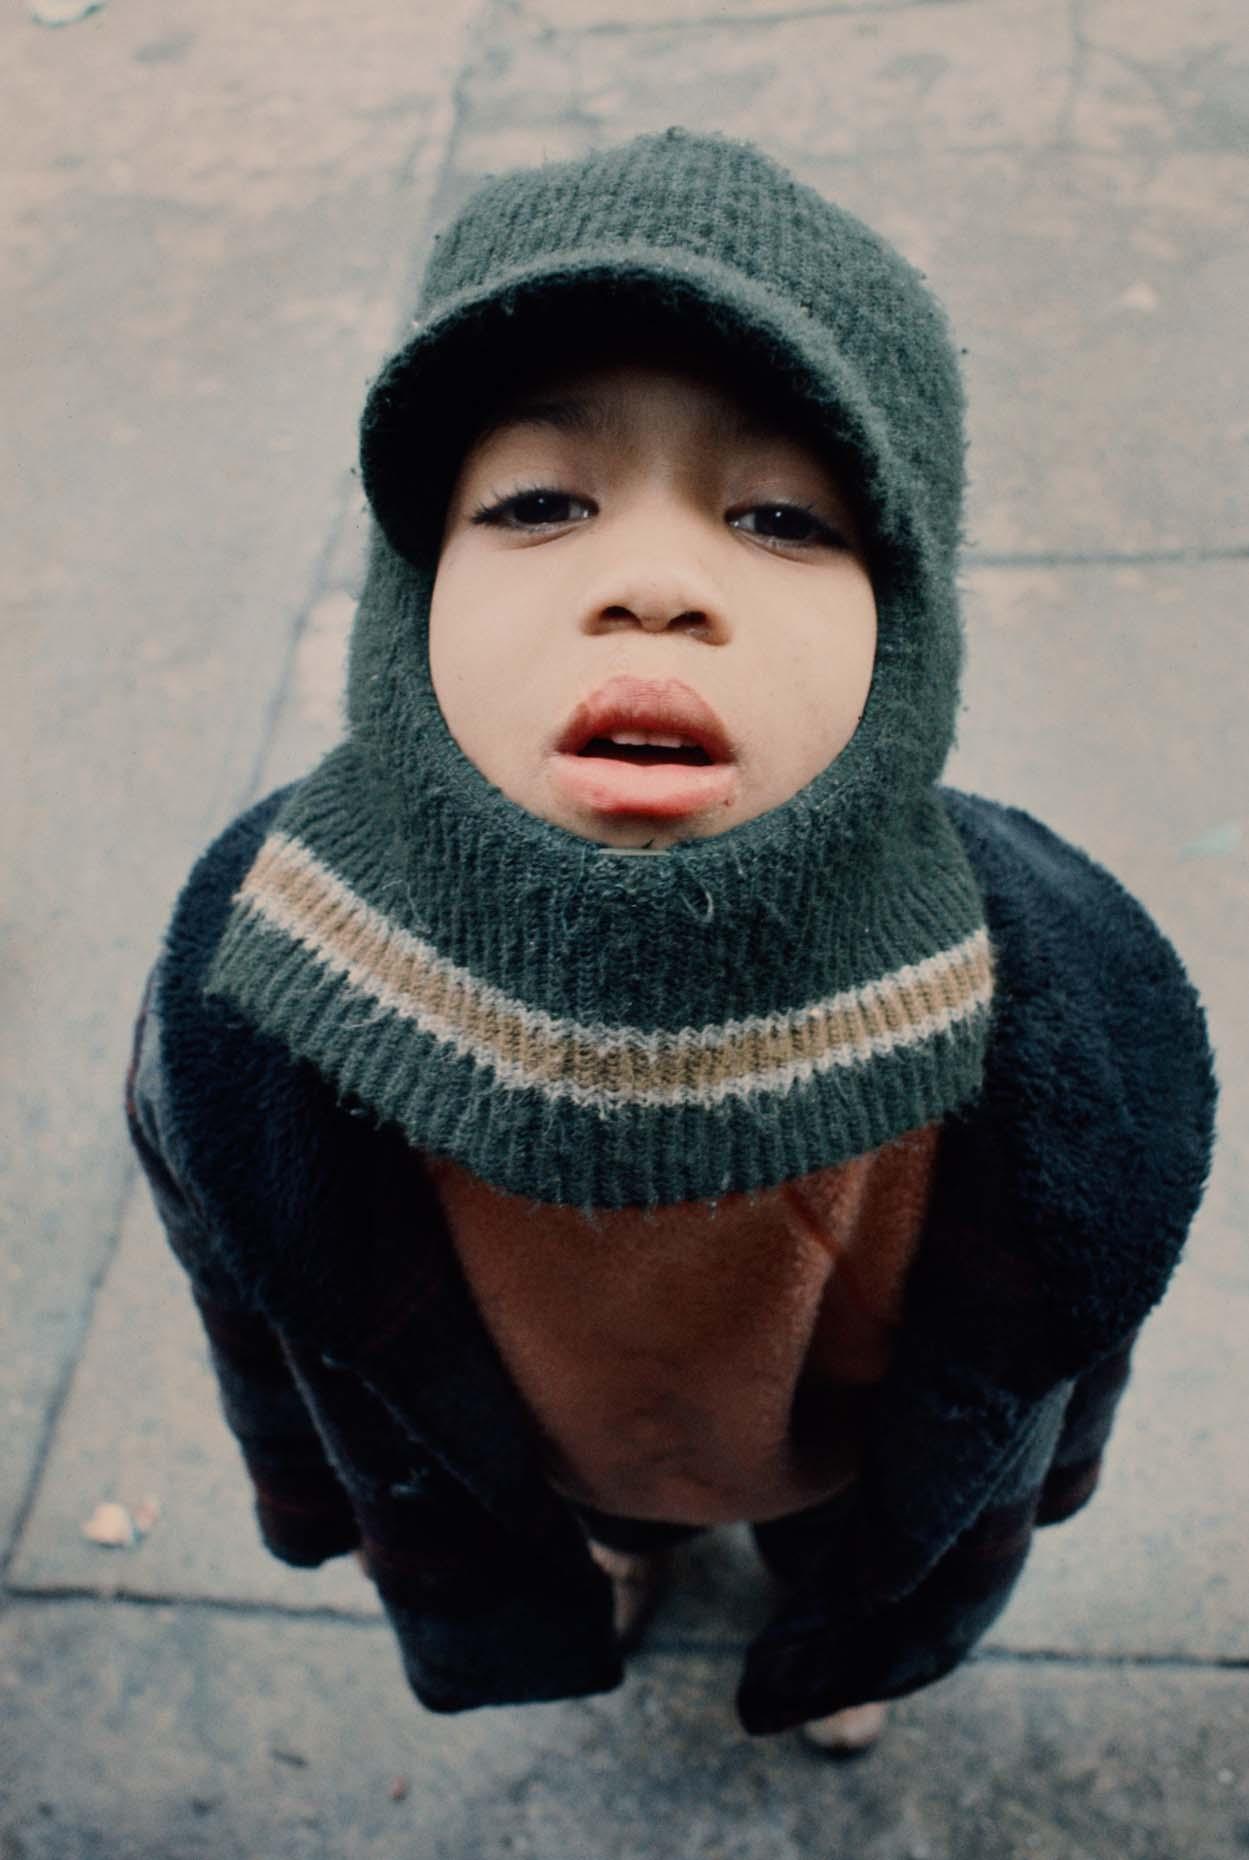 21_Boy, South Bronx, 1970_